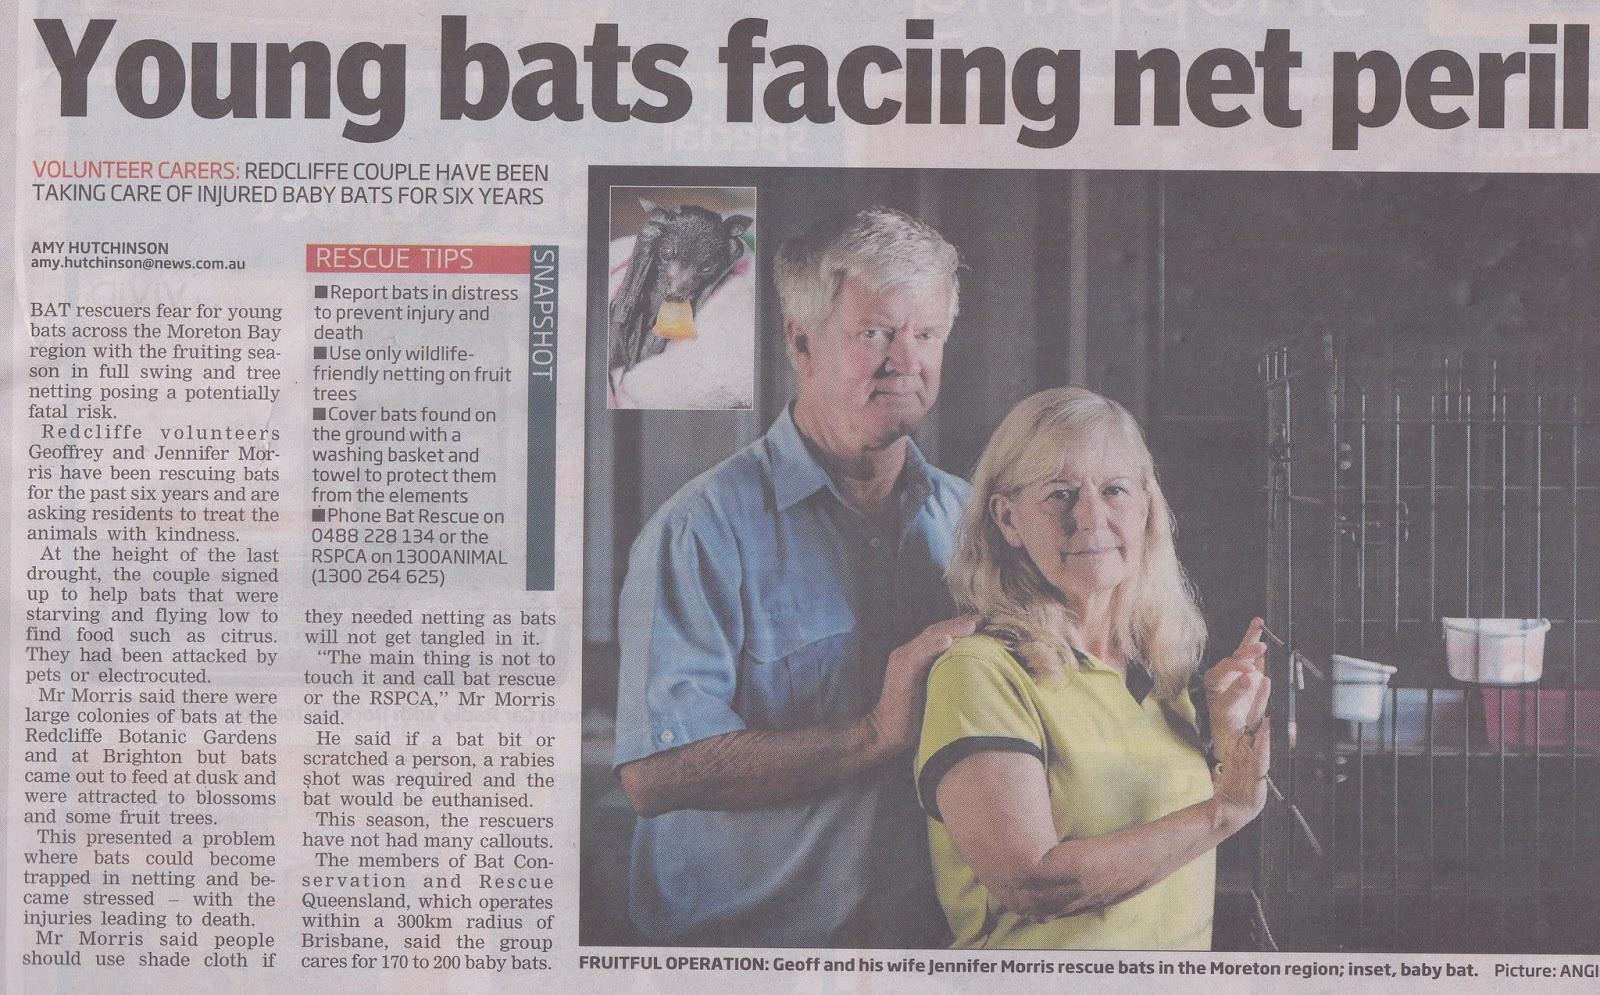 Netting   Young bats facing net peril